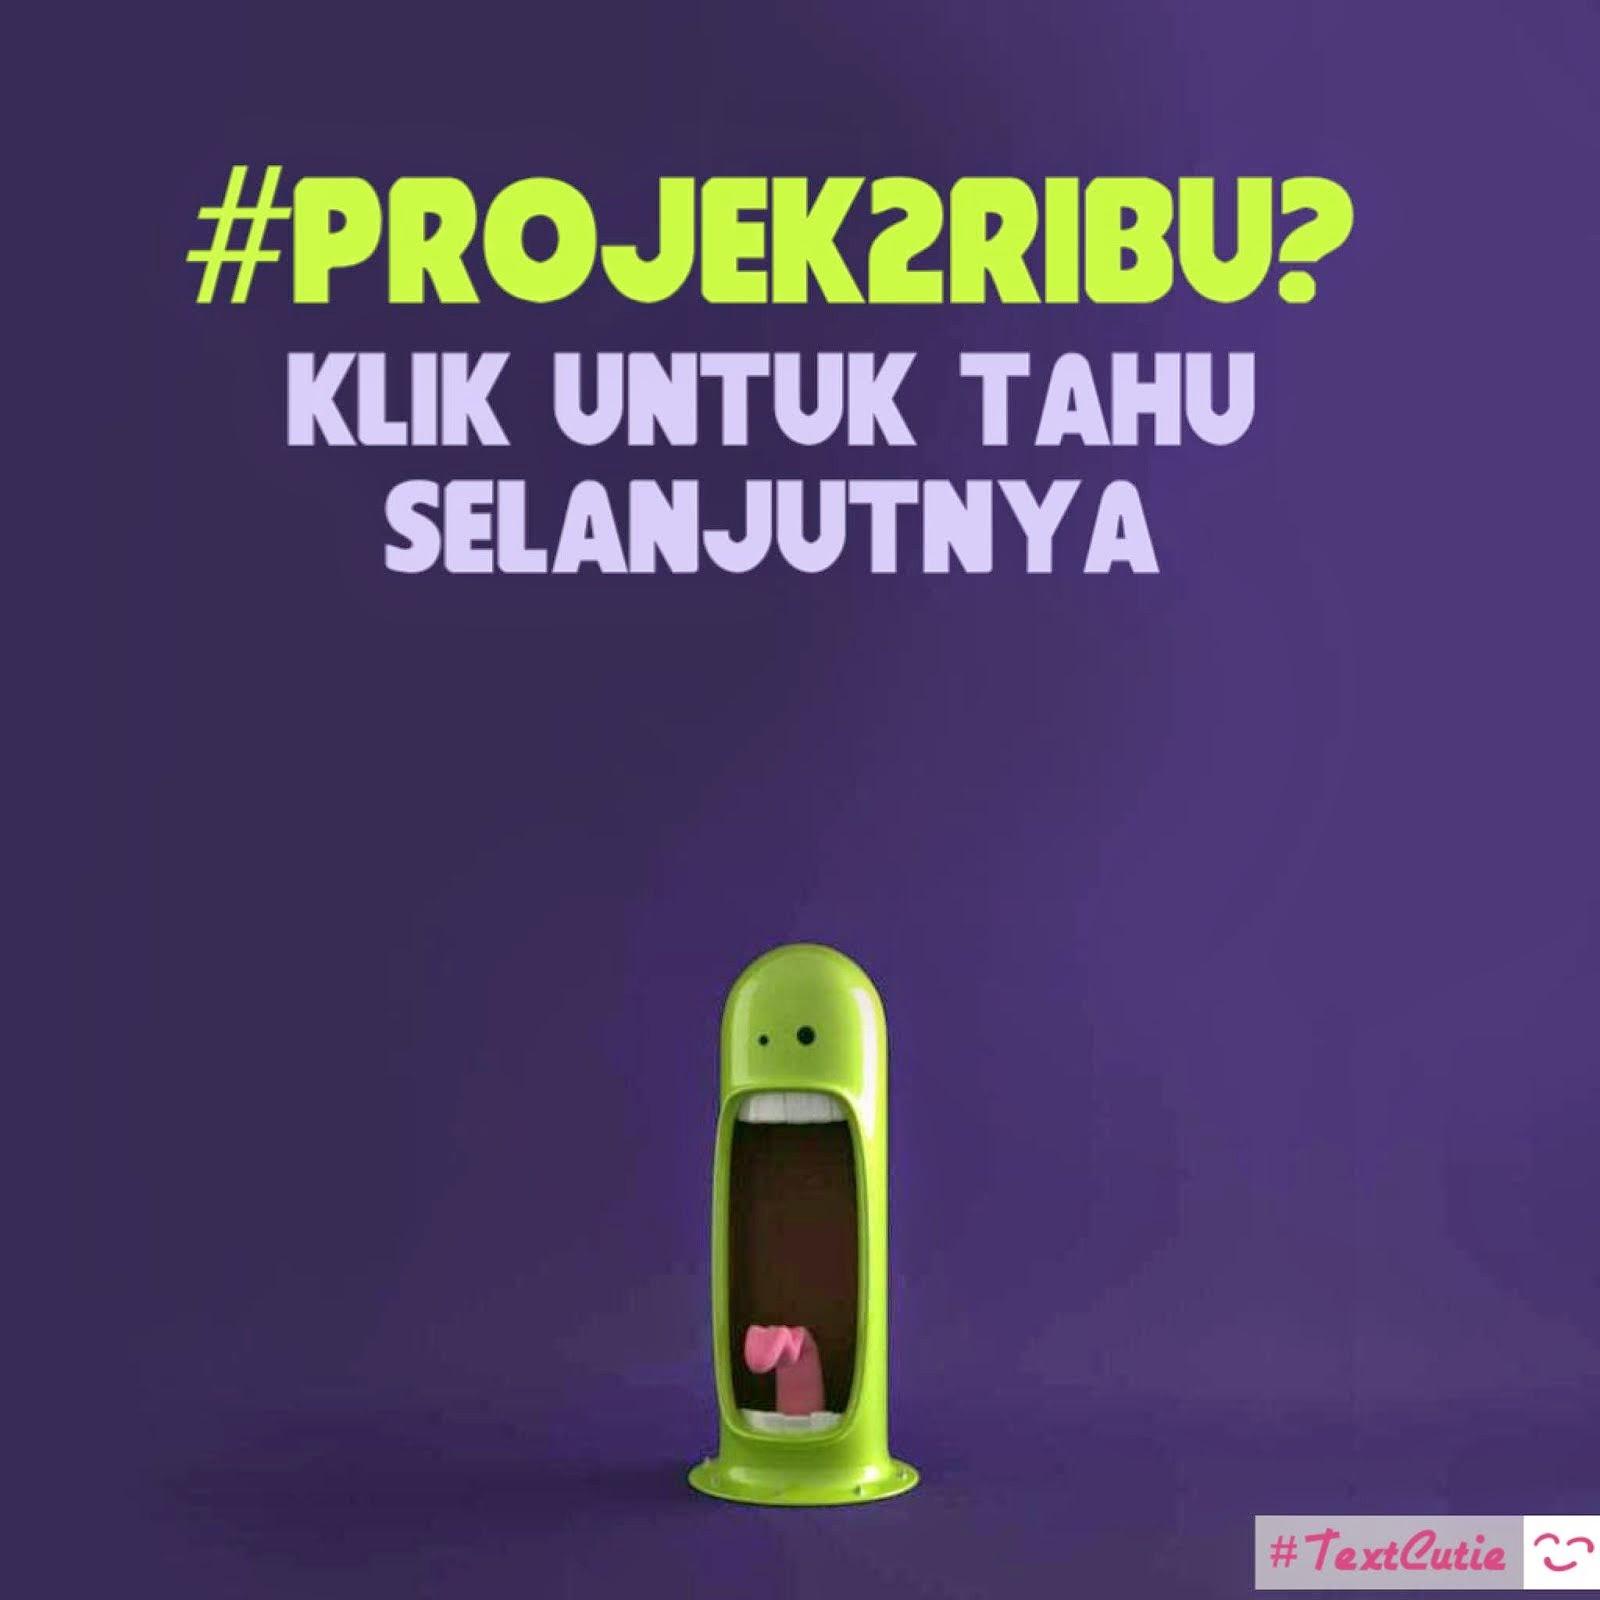 LiSA #Projek2ribu